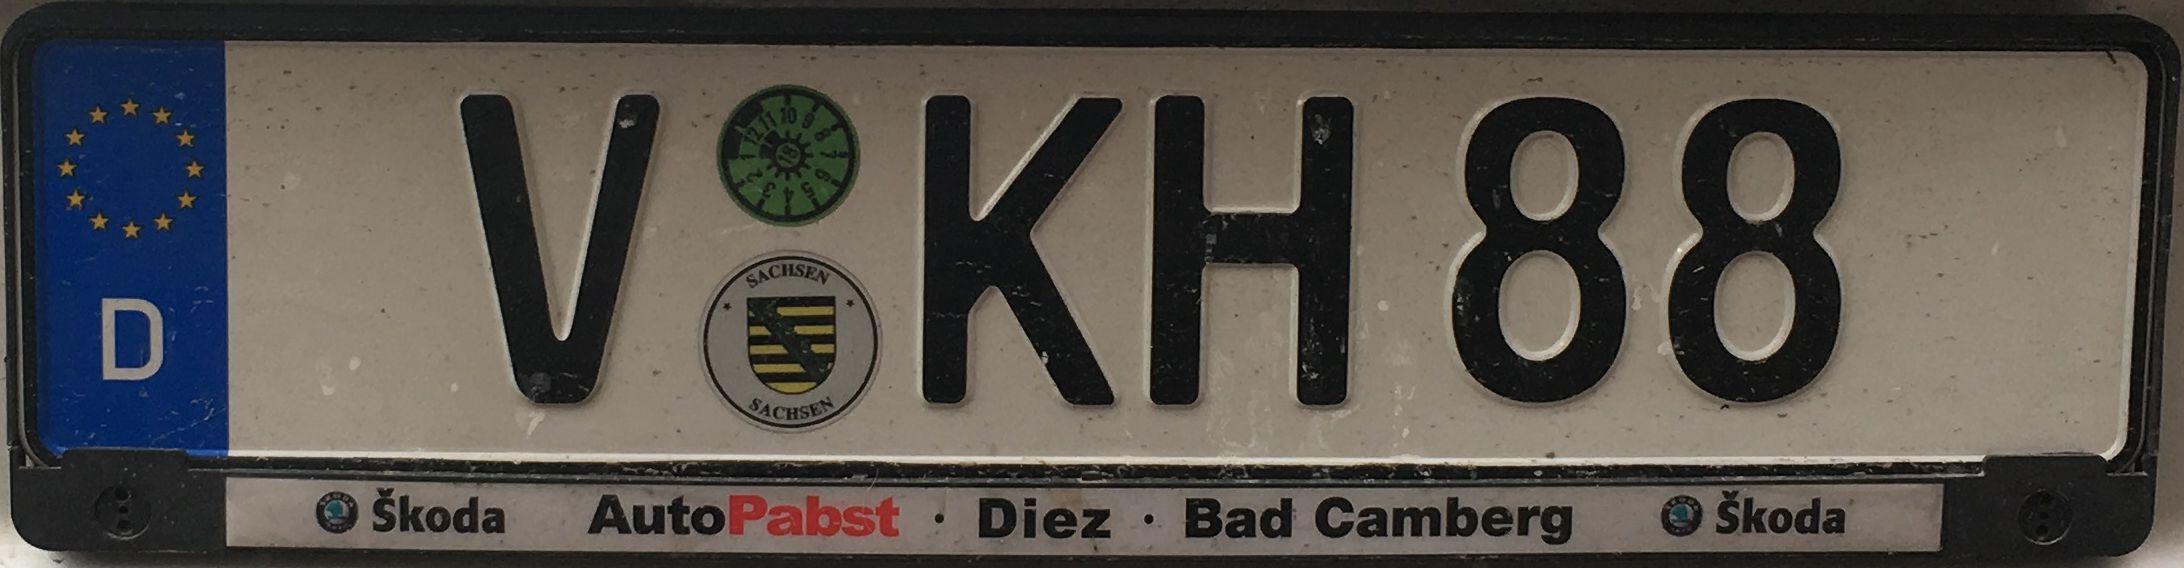 Registrační značky Německo – V – Vogtlandkreis, foto: www.podalnici.cz